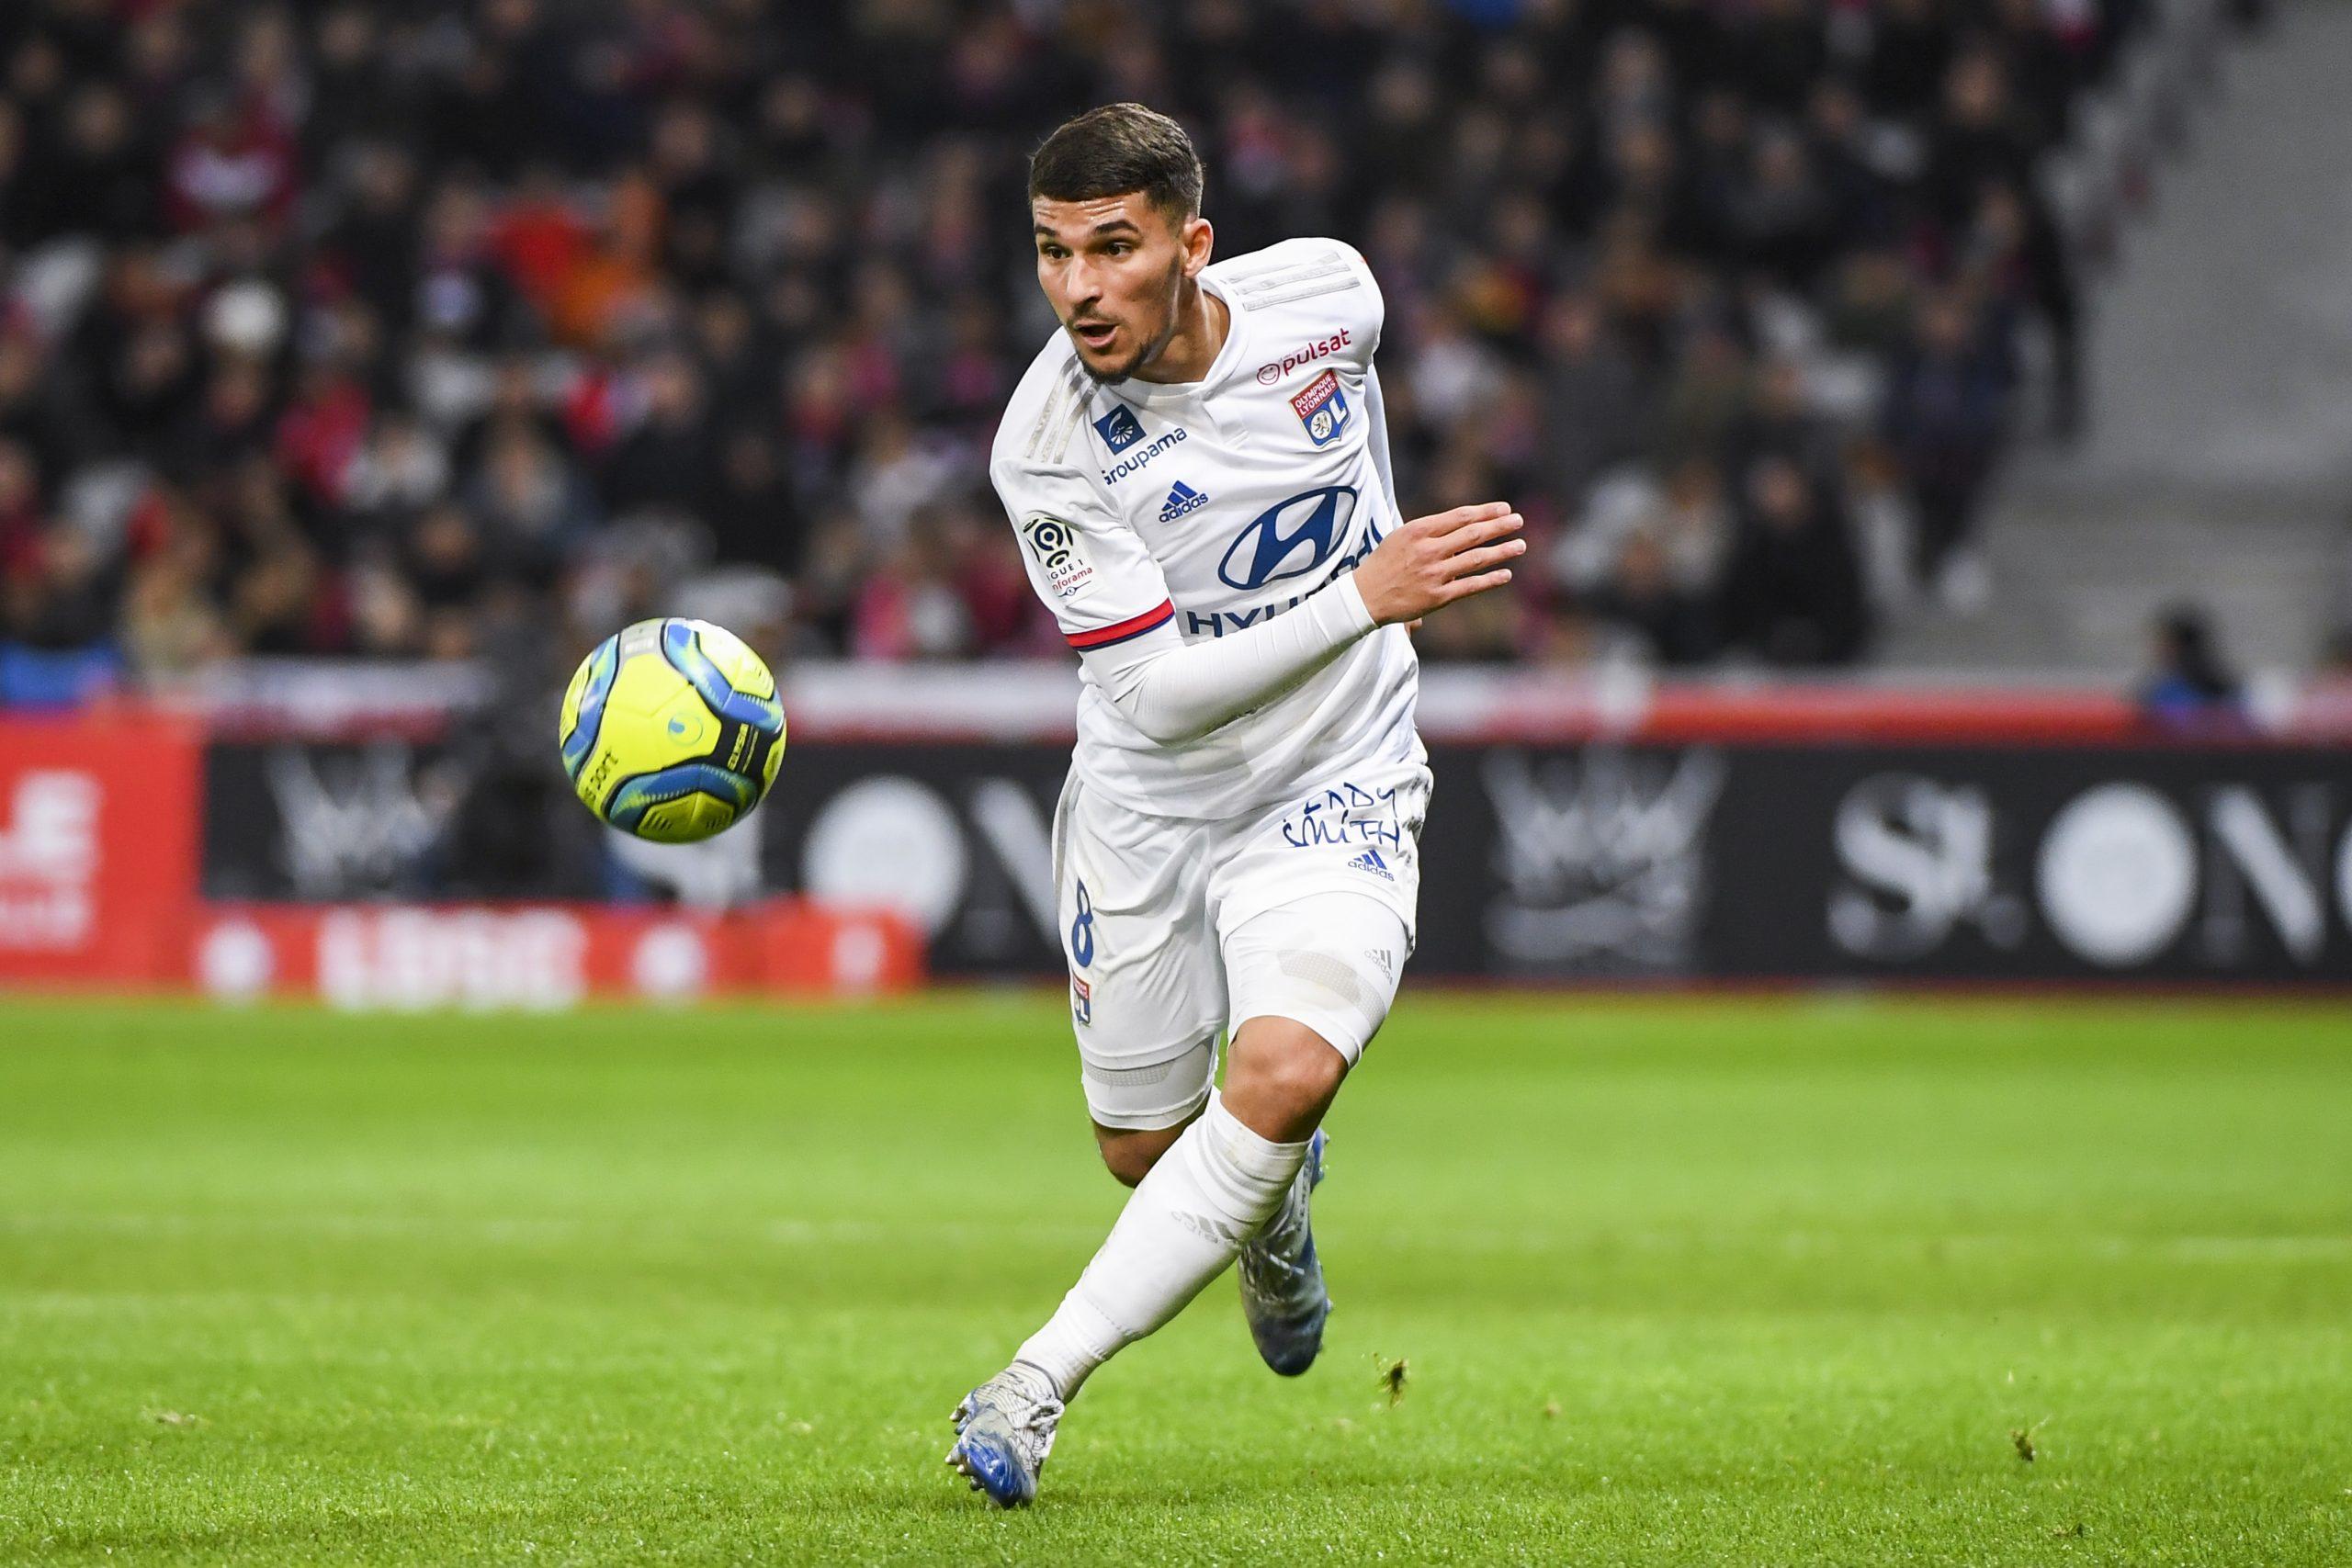 Mercato - Le PSG parmi les prétendants d'Aouar, qui a «un bon de sortie» selon RMC Sport